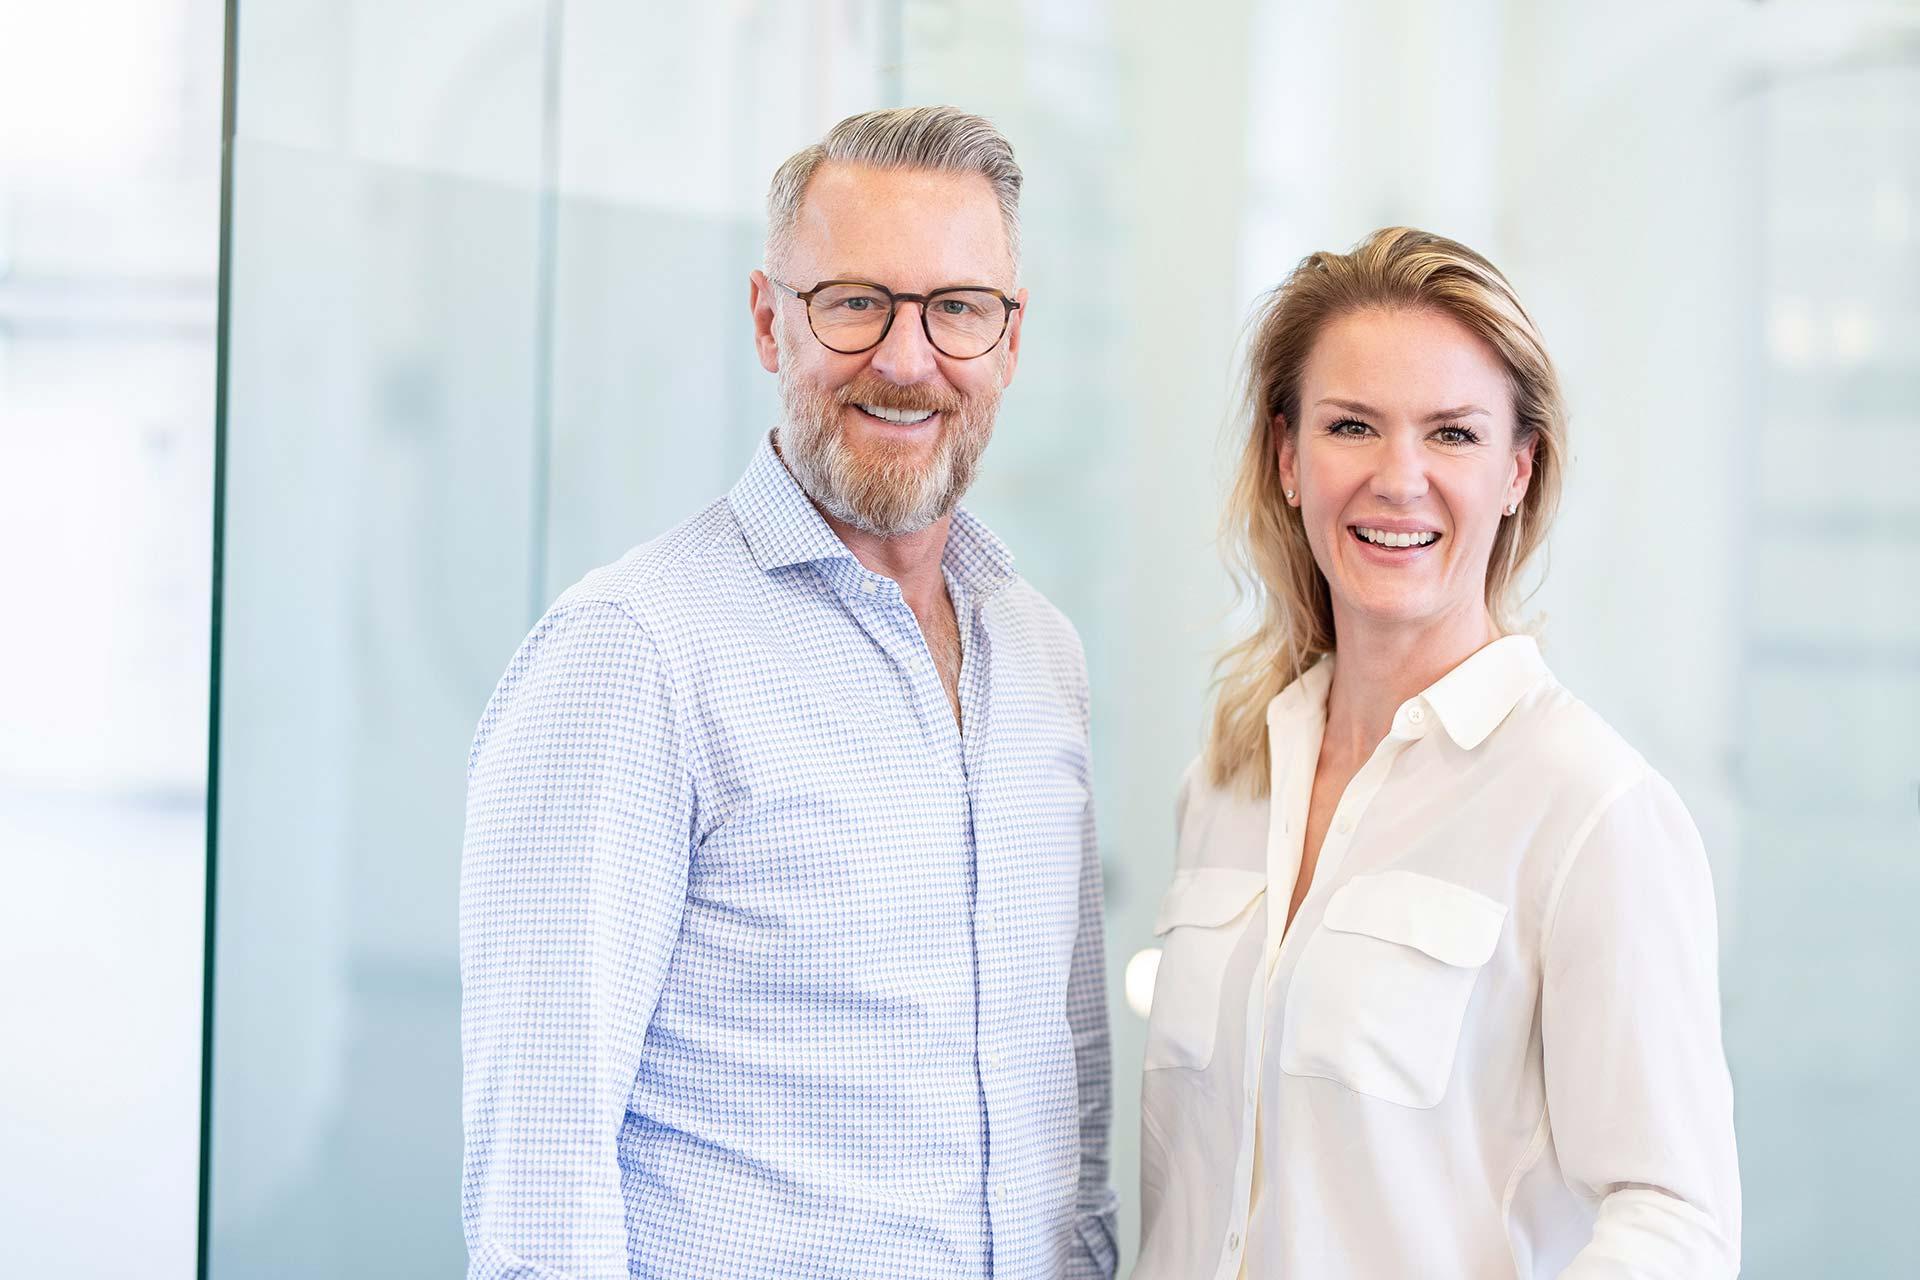 Zahnmedizin Gesichtschirurgie Buxtehude Anne-Sophie Hohl und Dr. Dr. Steffen Hohl